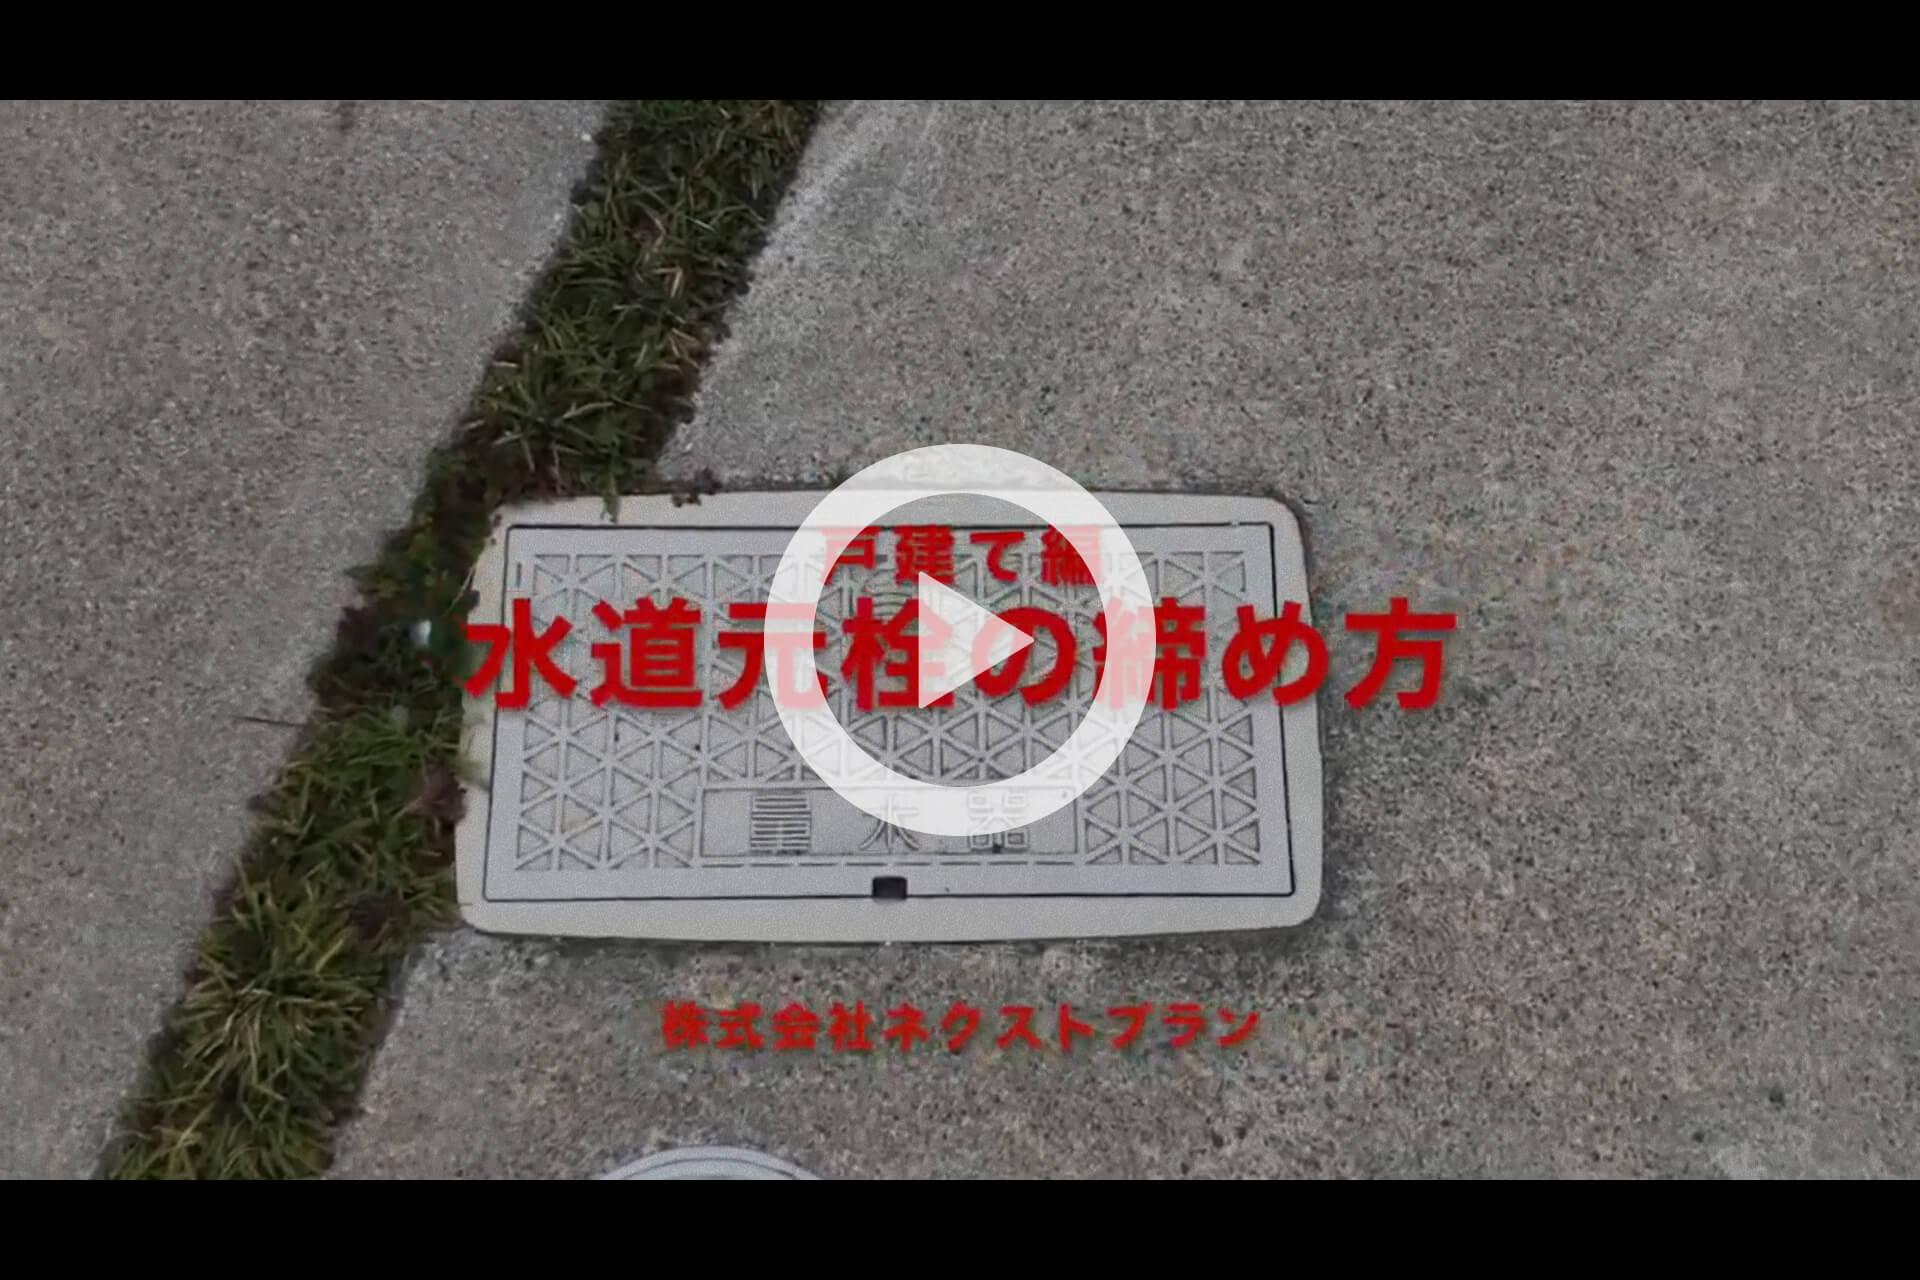 戸建て編|水道元栓の締め方